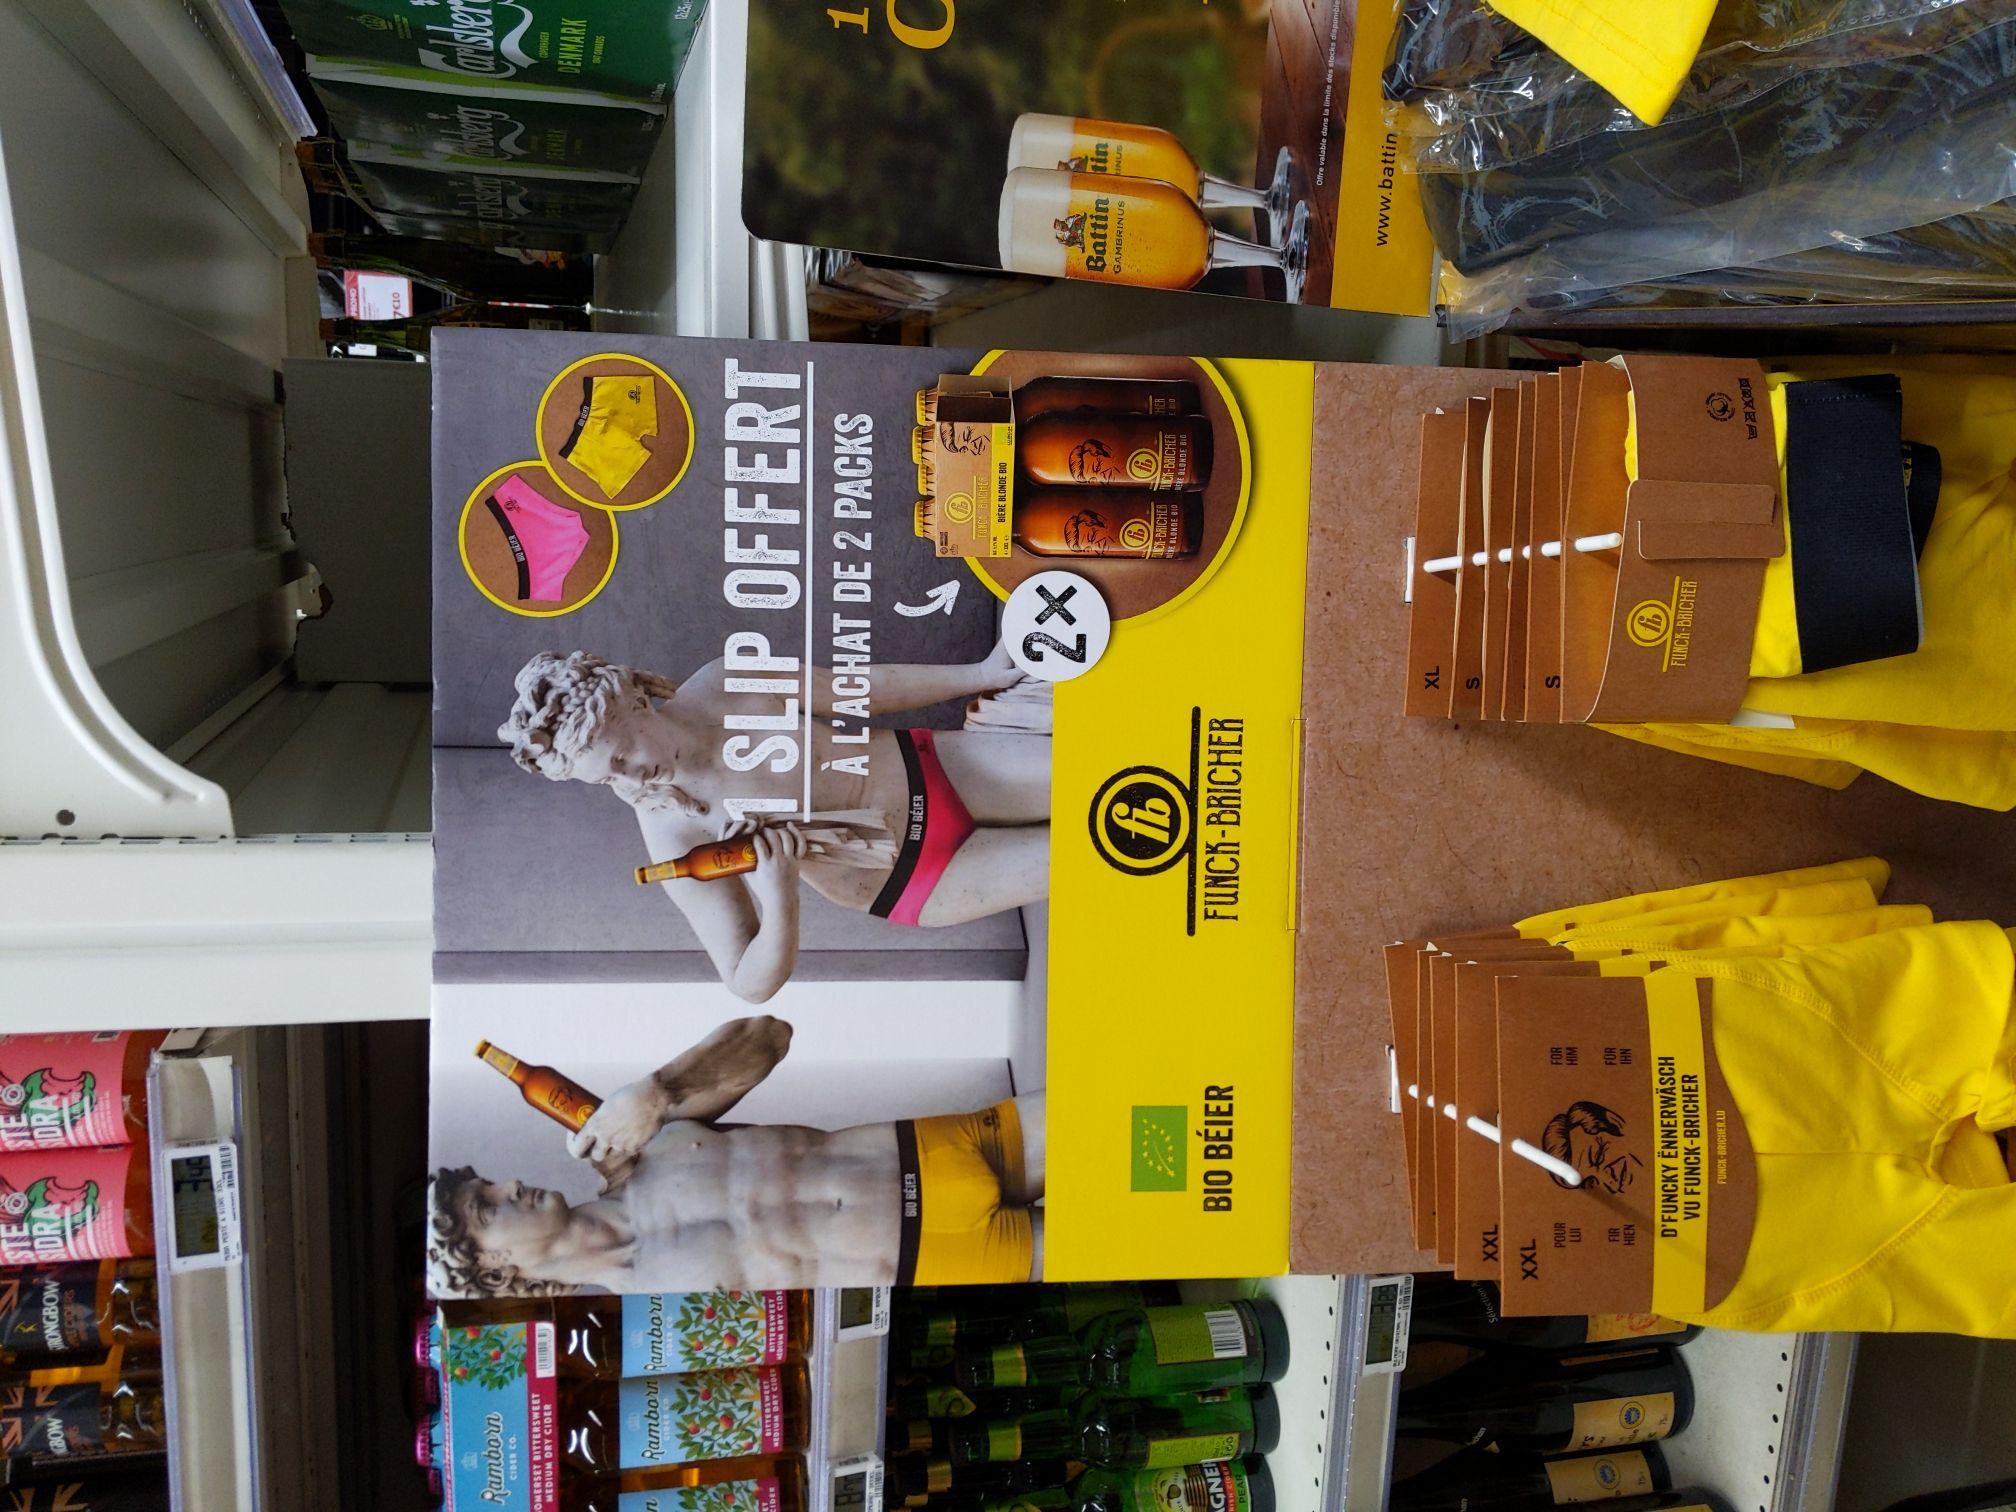 2 Packs de bières Funck-Bricher (8x 33cl) + 1 slip à thème (+0.80€ en Bon d'Achat si bouteilles rapportées) - Frontaliers Luxembourg